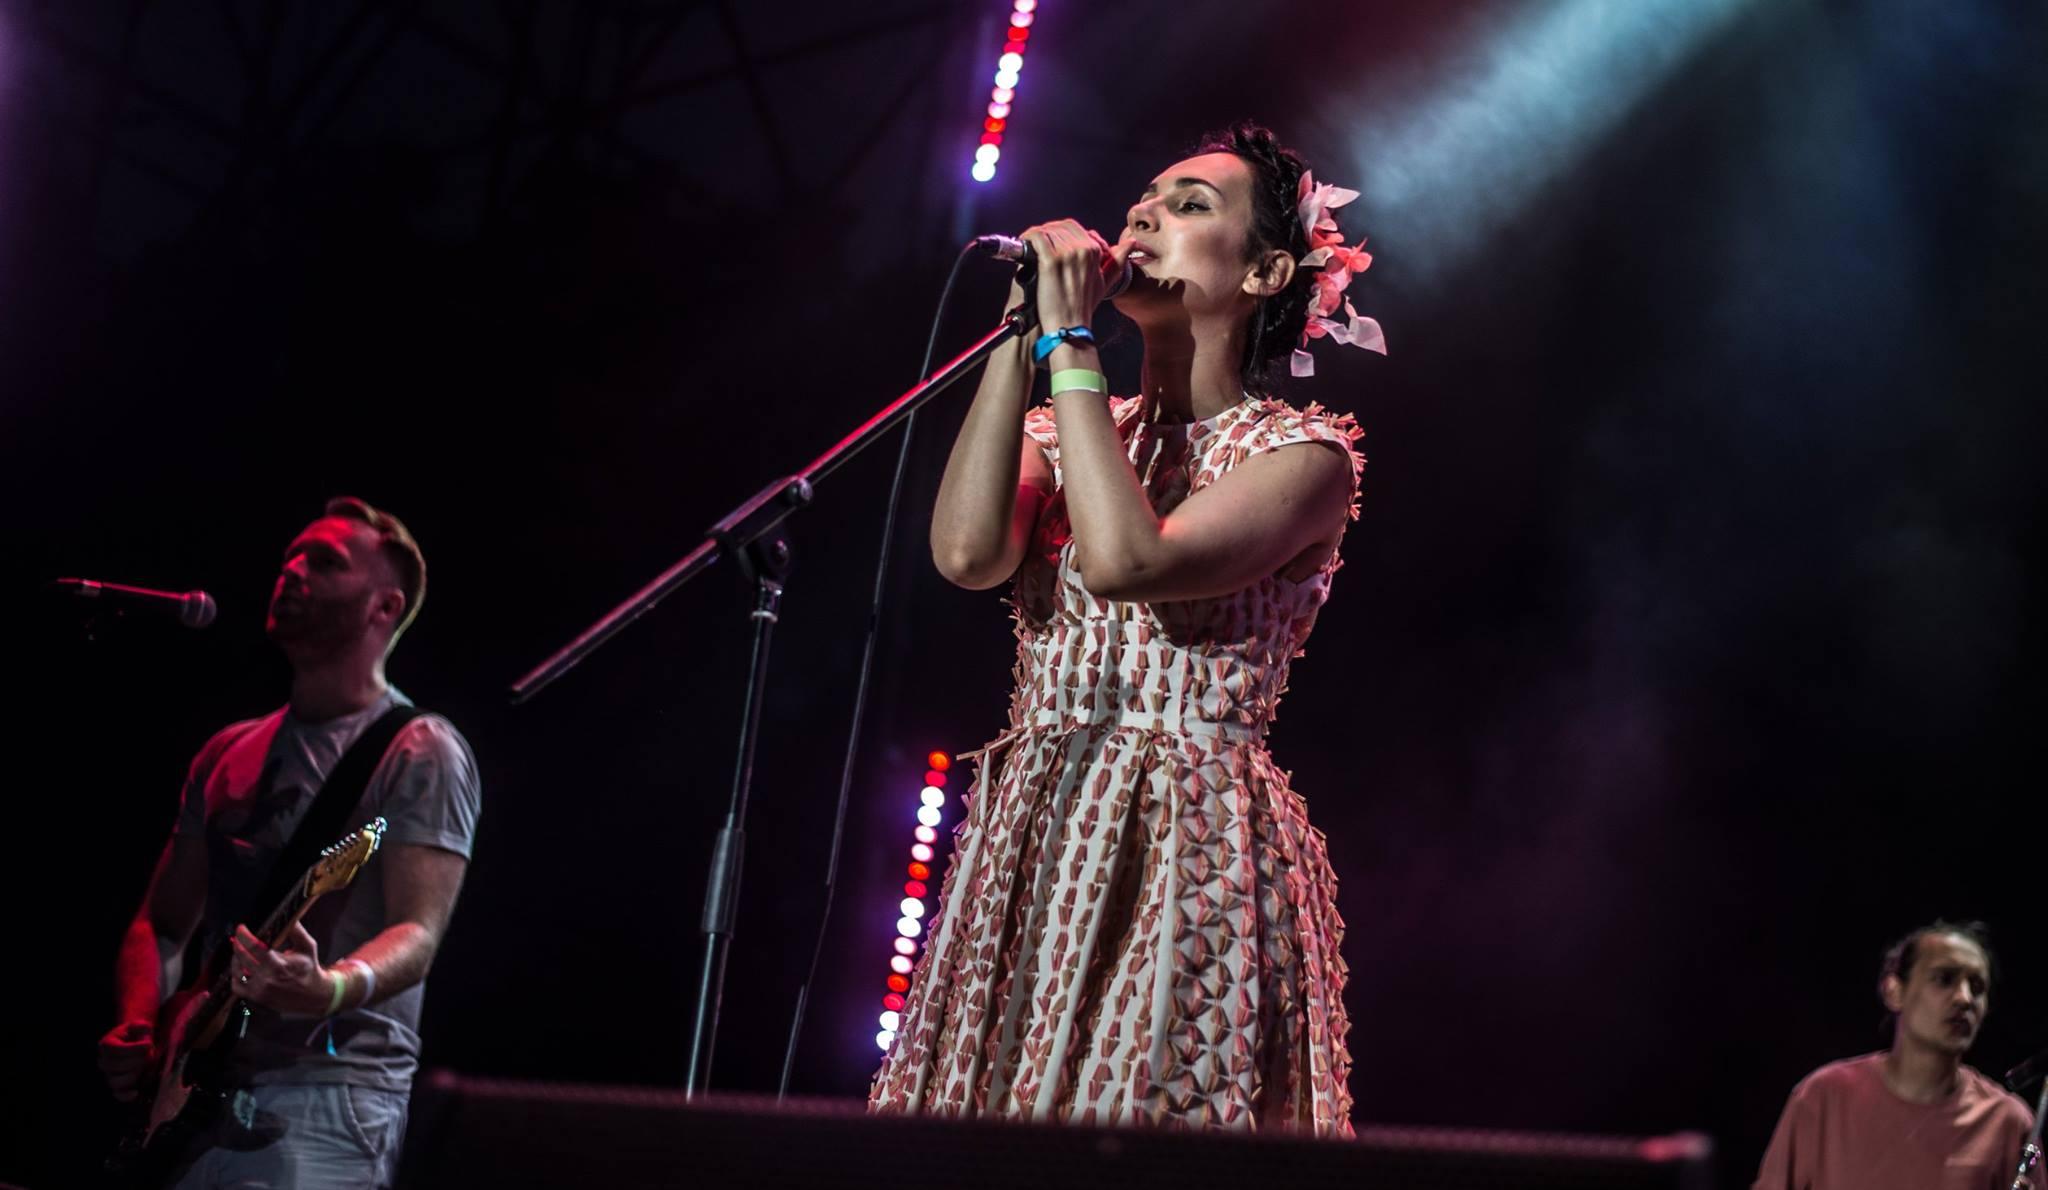 Группа «Крихітка» даст концерт под открытым небом в«Куренях»